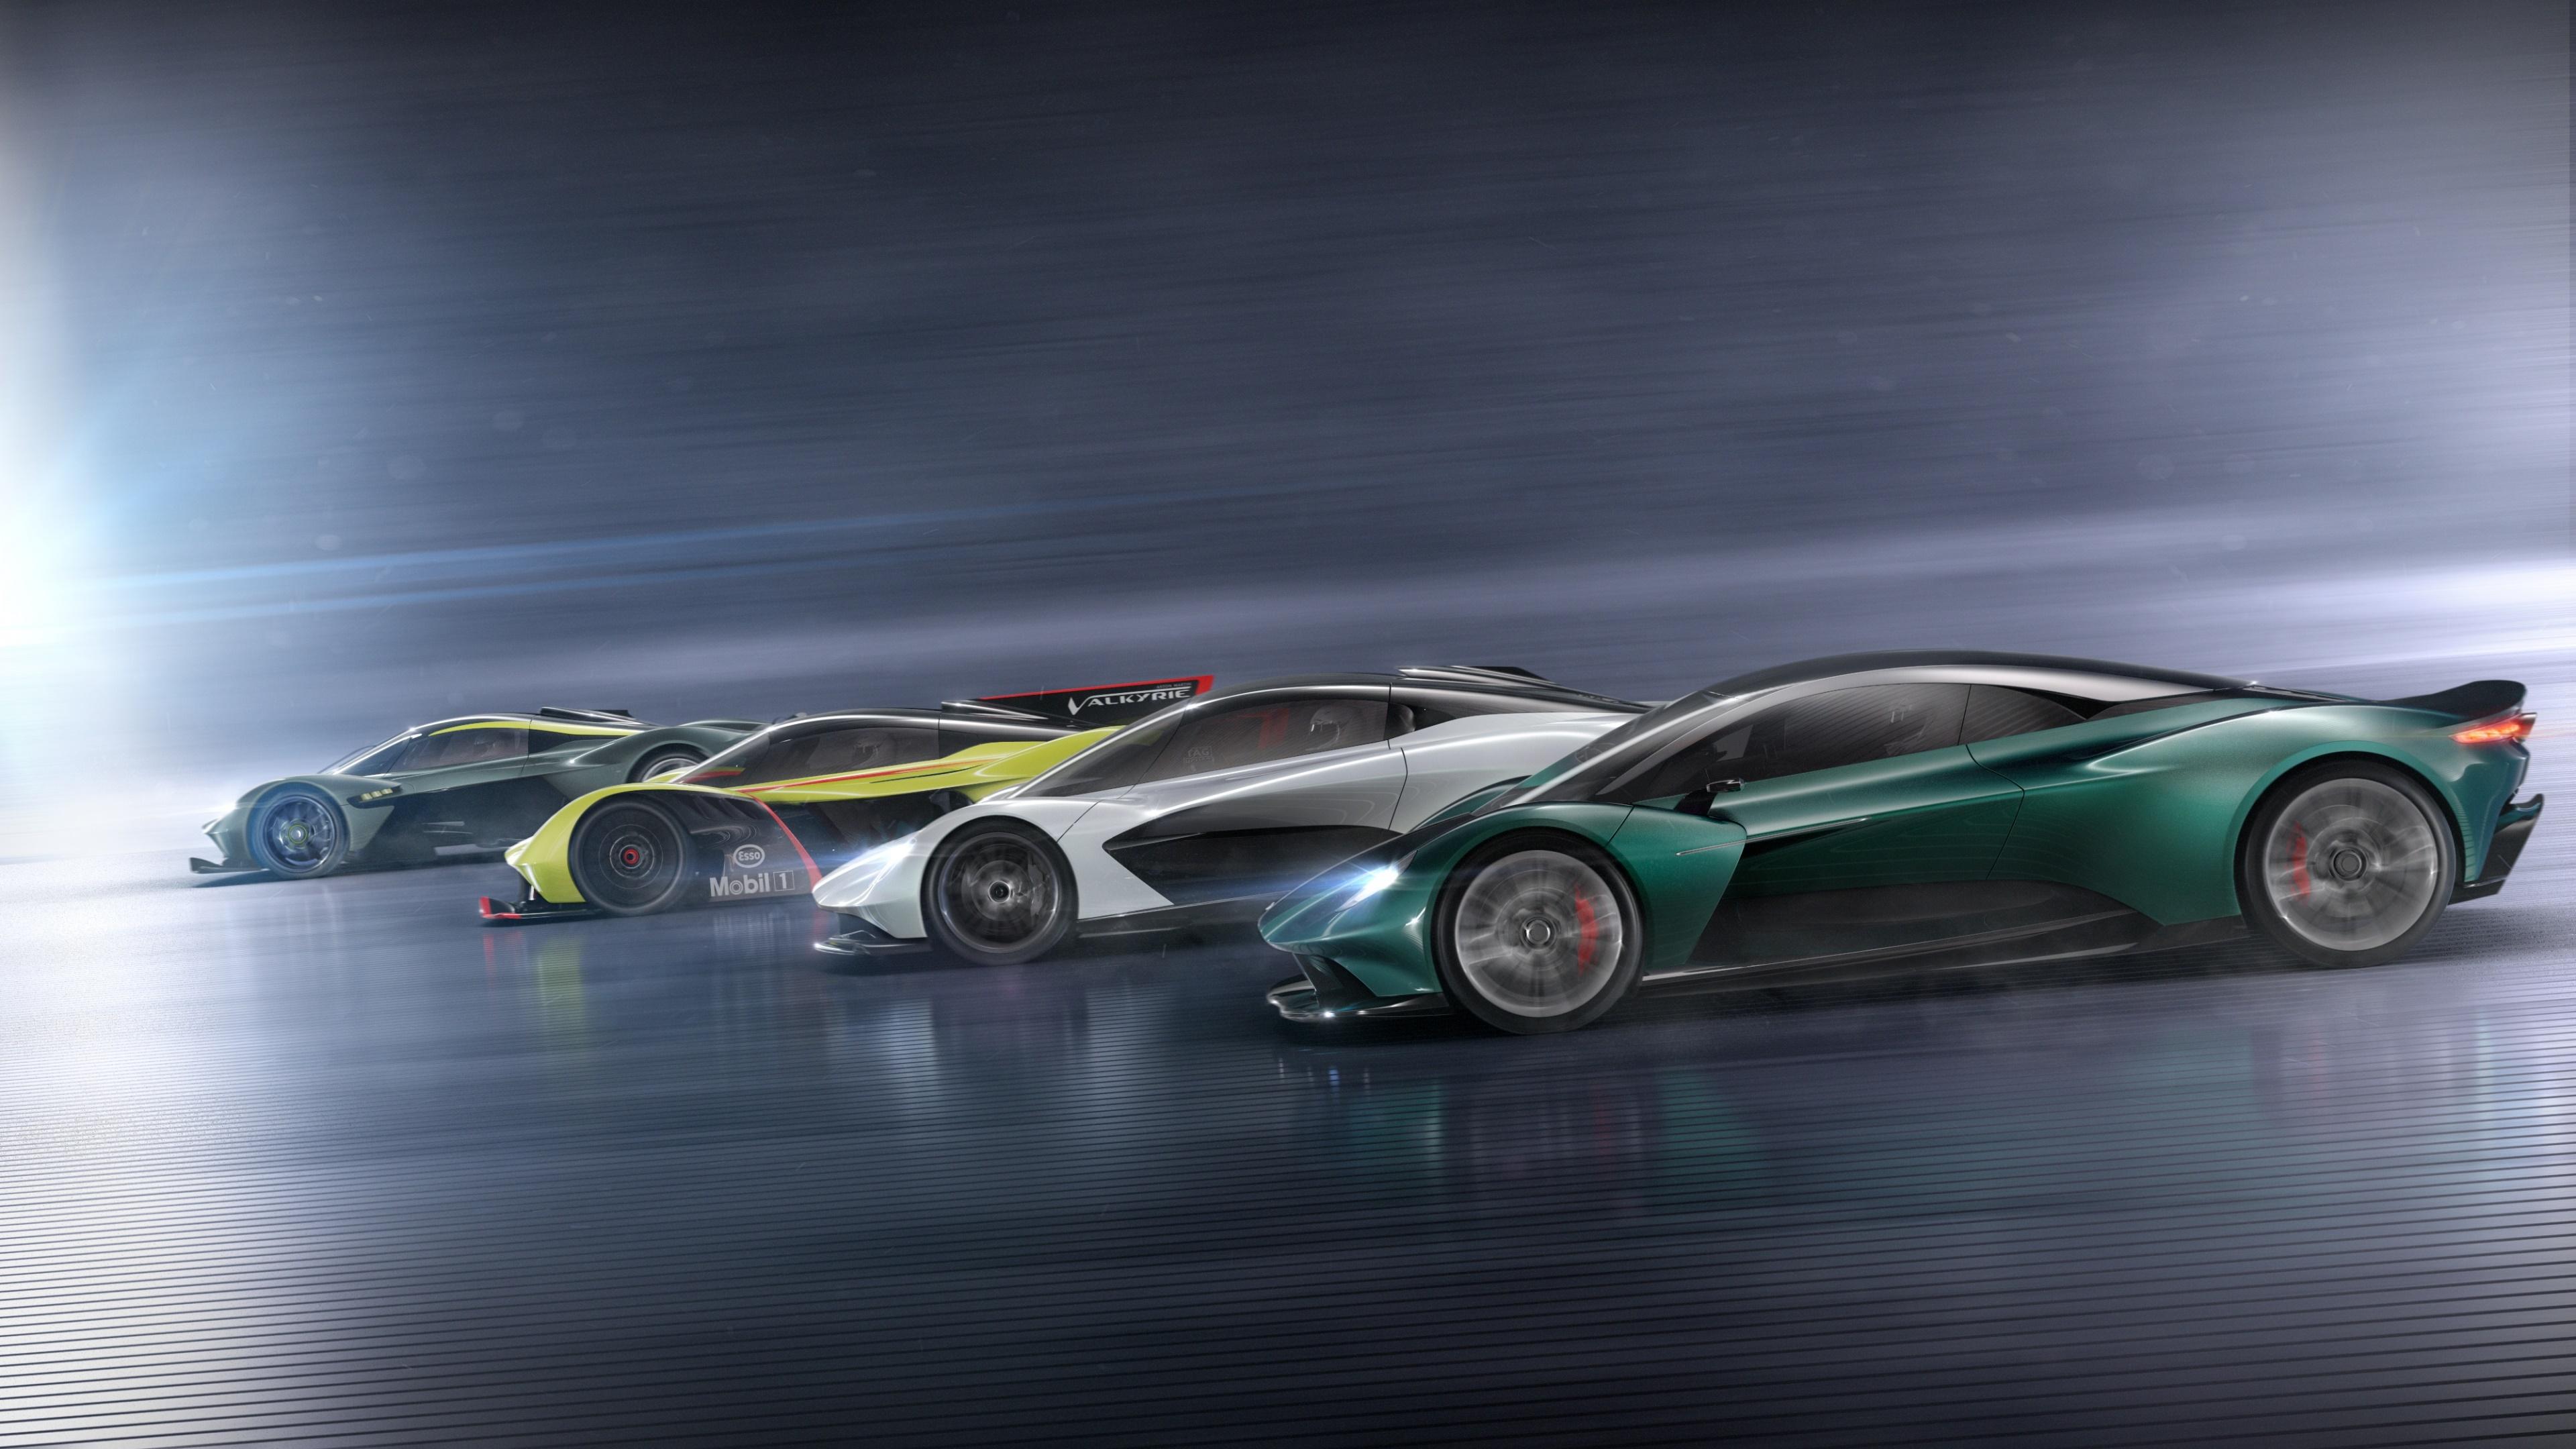 Aston Martin Vanquish Vision Concept Car 4k Ultrahd Wallpaper